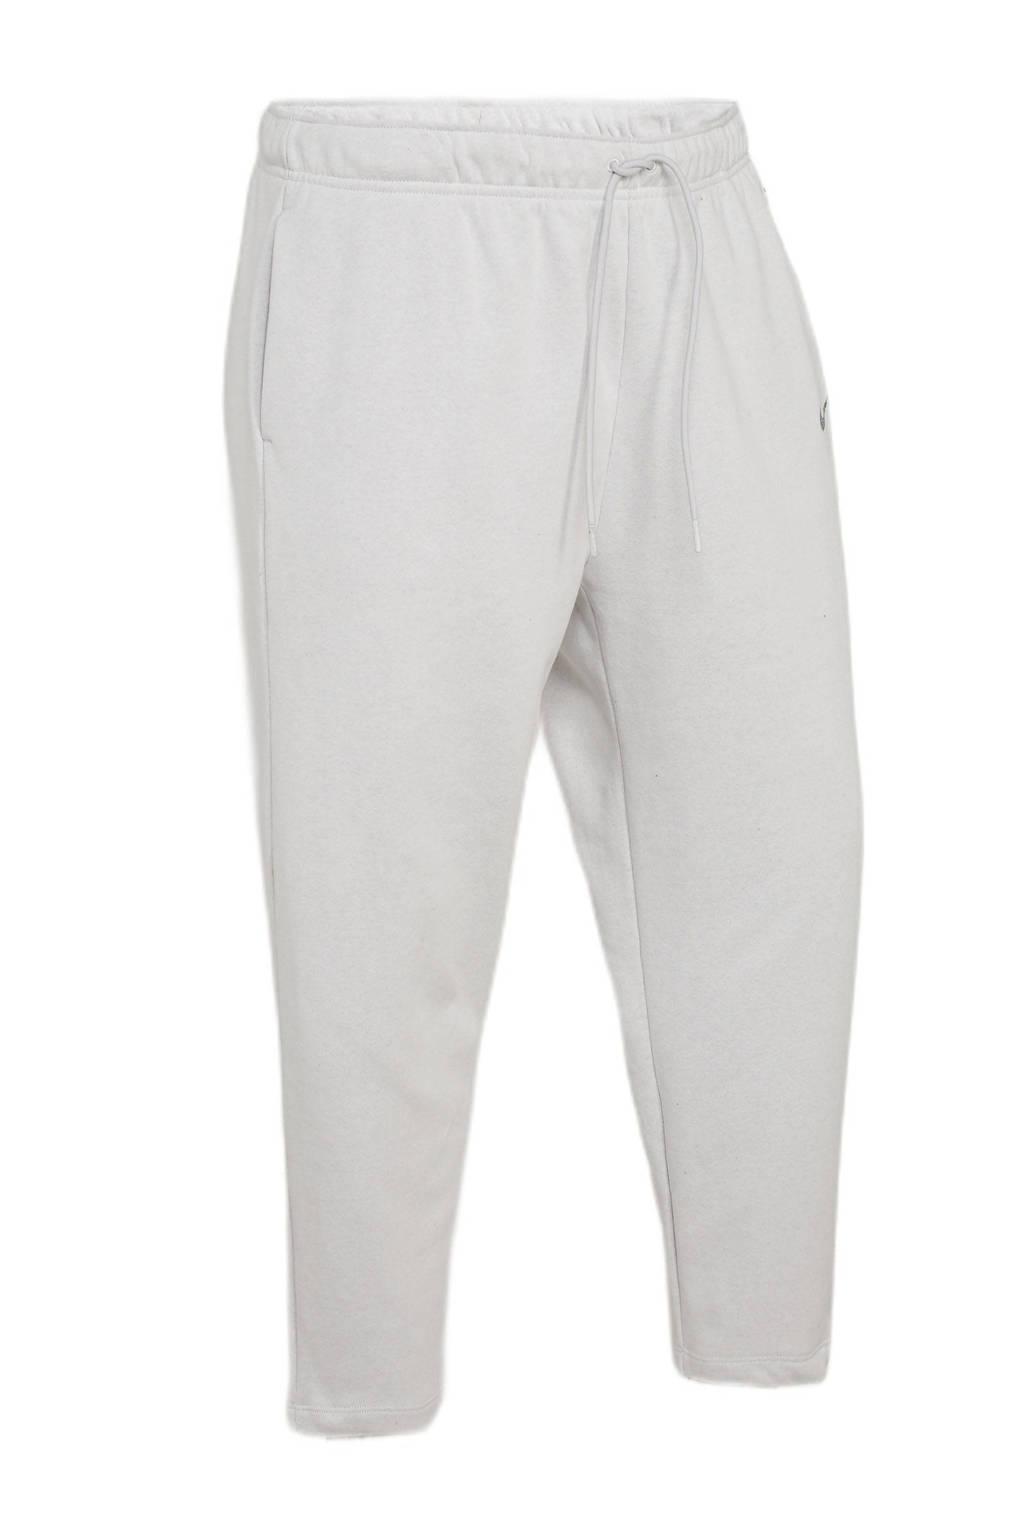 Nike regular fit broek met logo lichtgrijs, Lichtgrijs